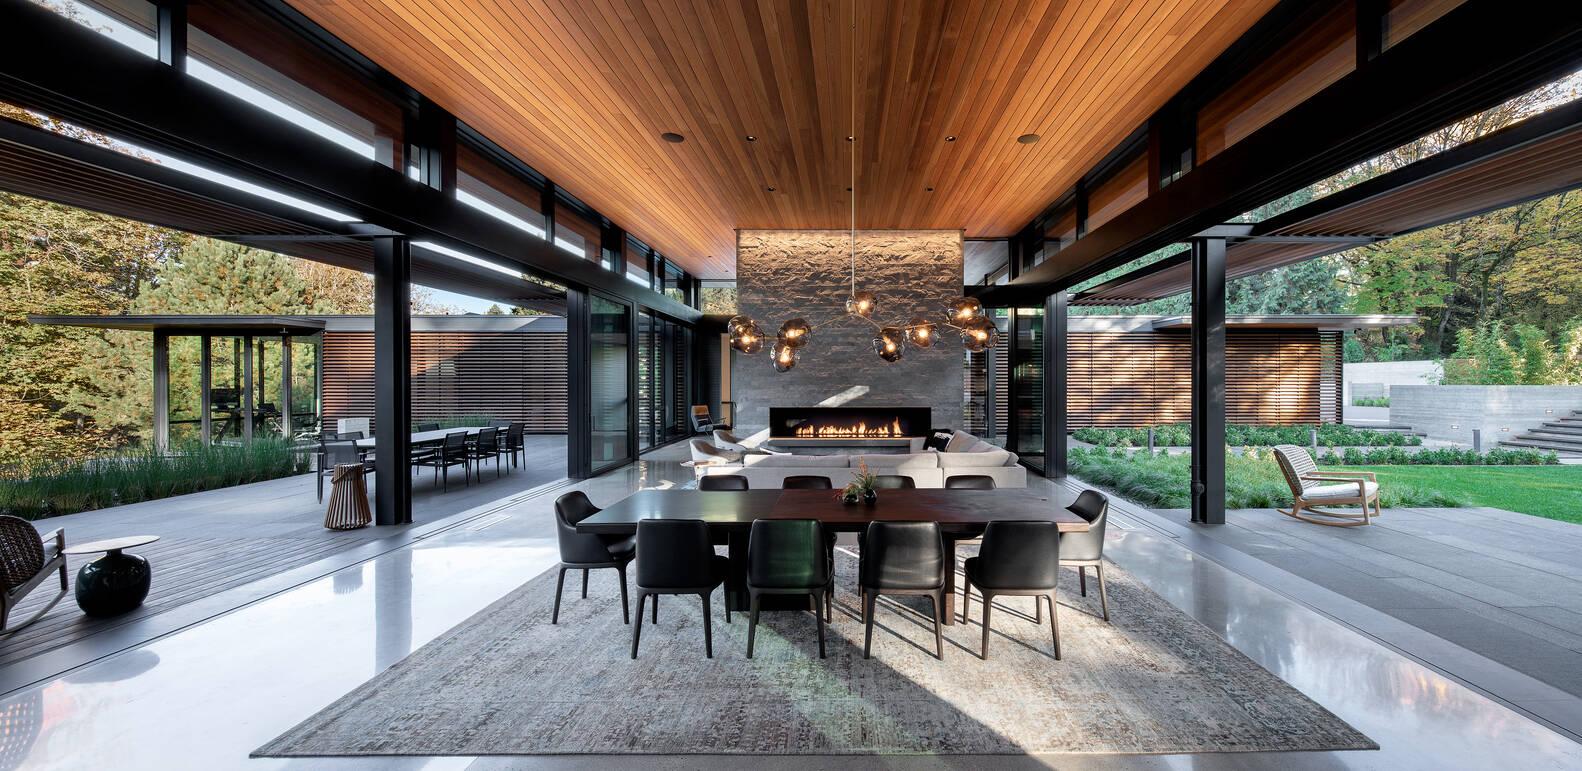 Casa de vidro sala de jantar